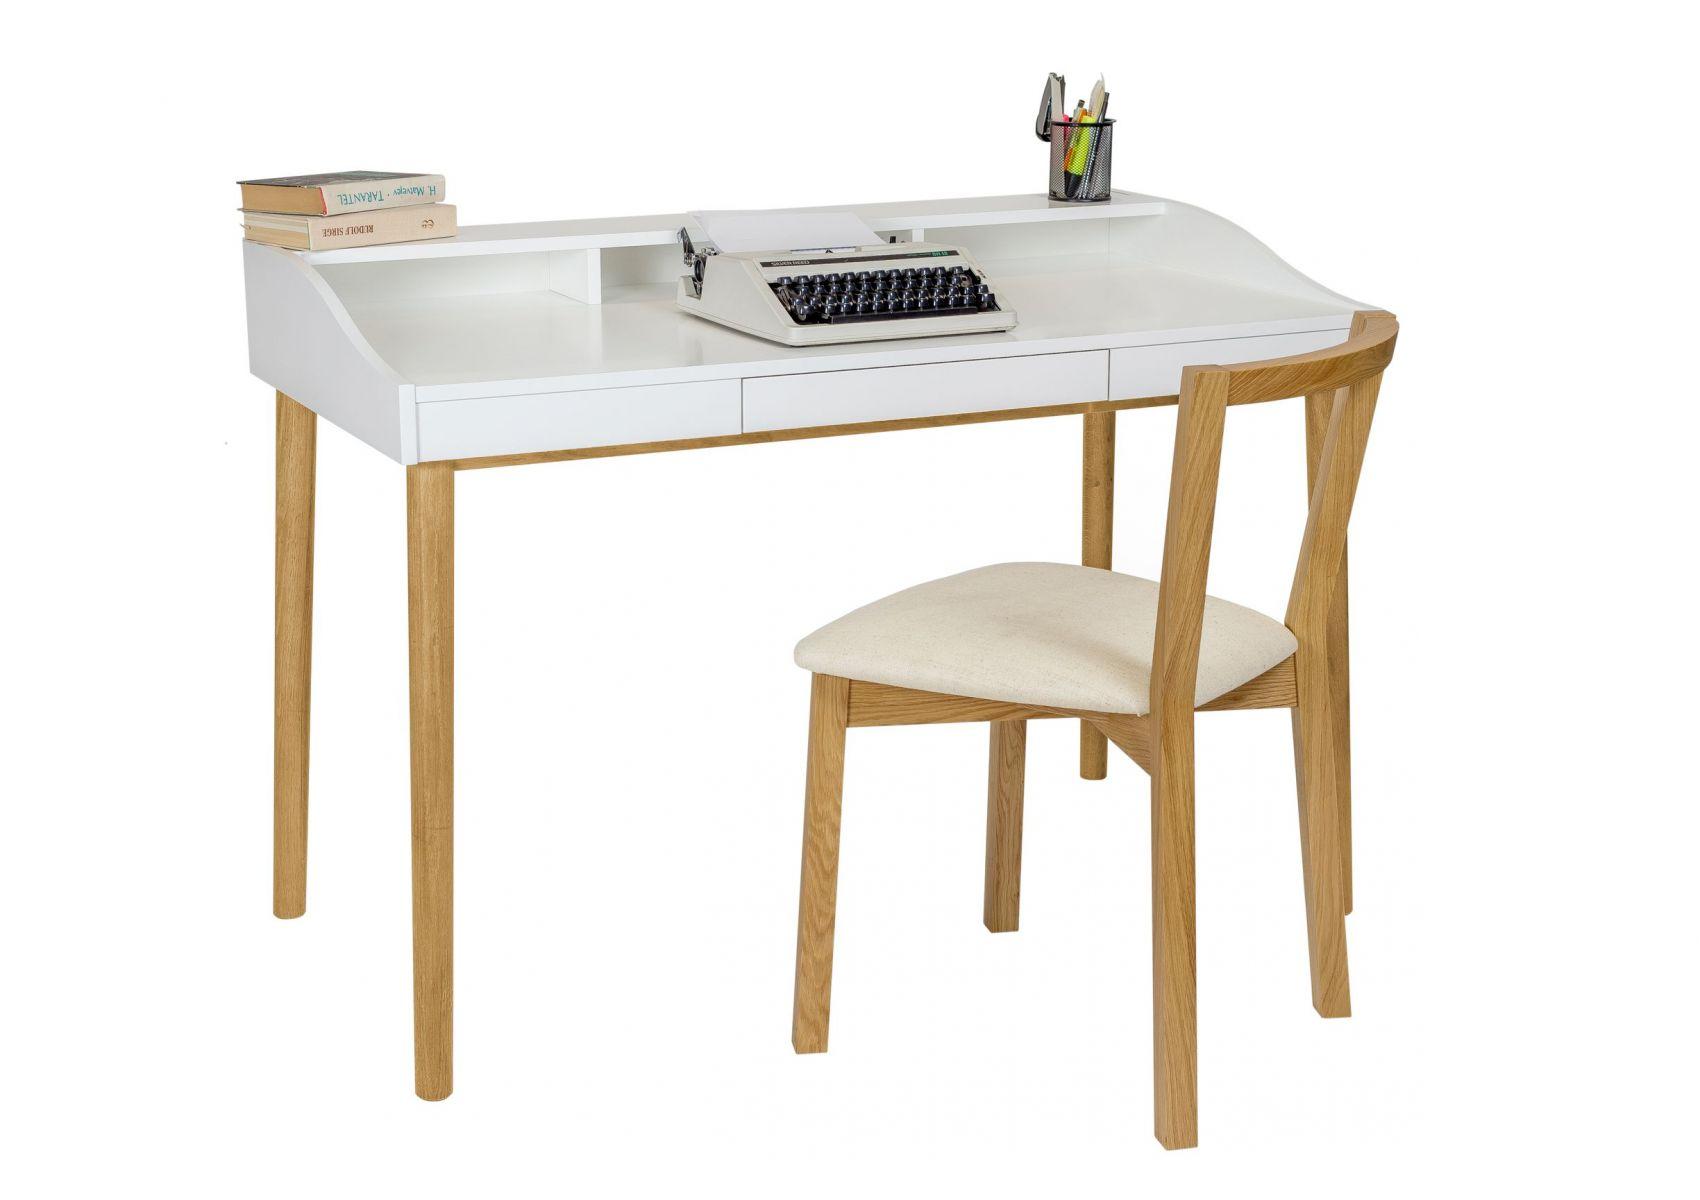 Bureau scandinave en bois de chêne et blanc lindenhof de chez woodman